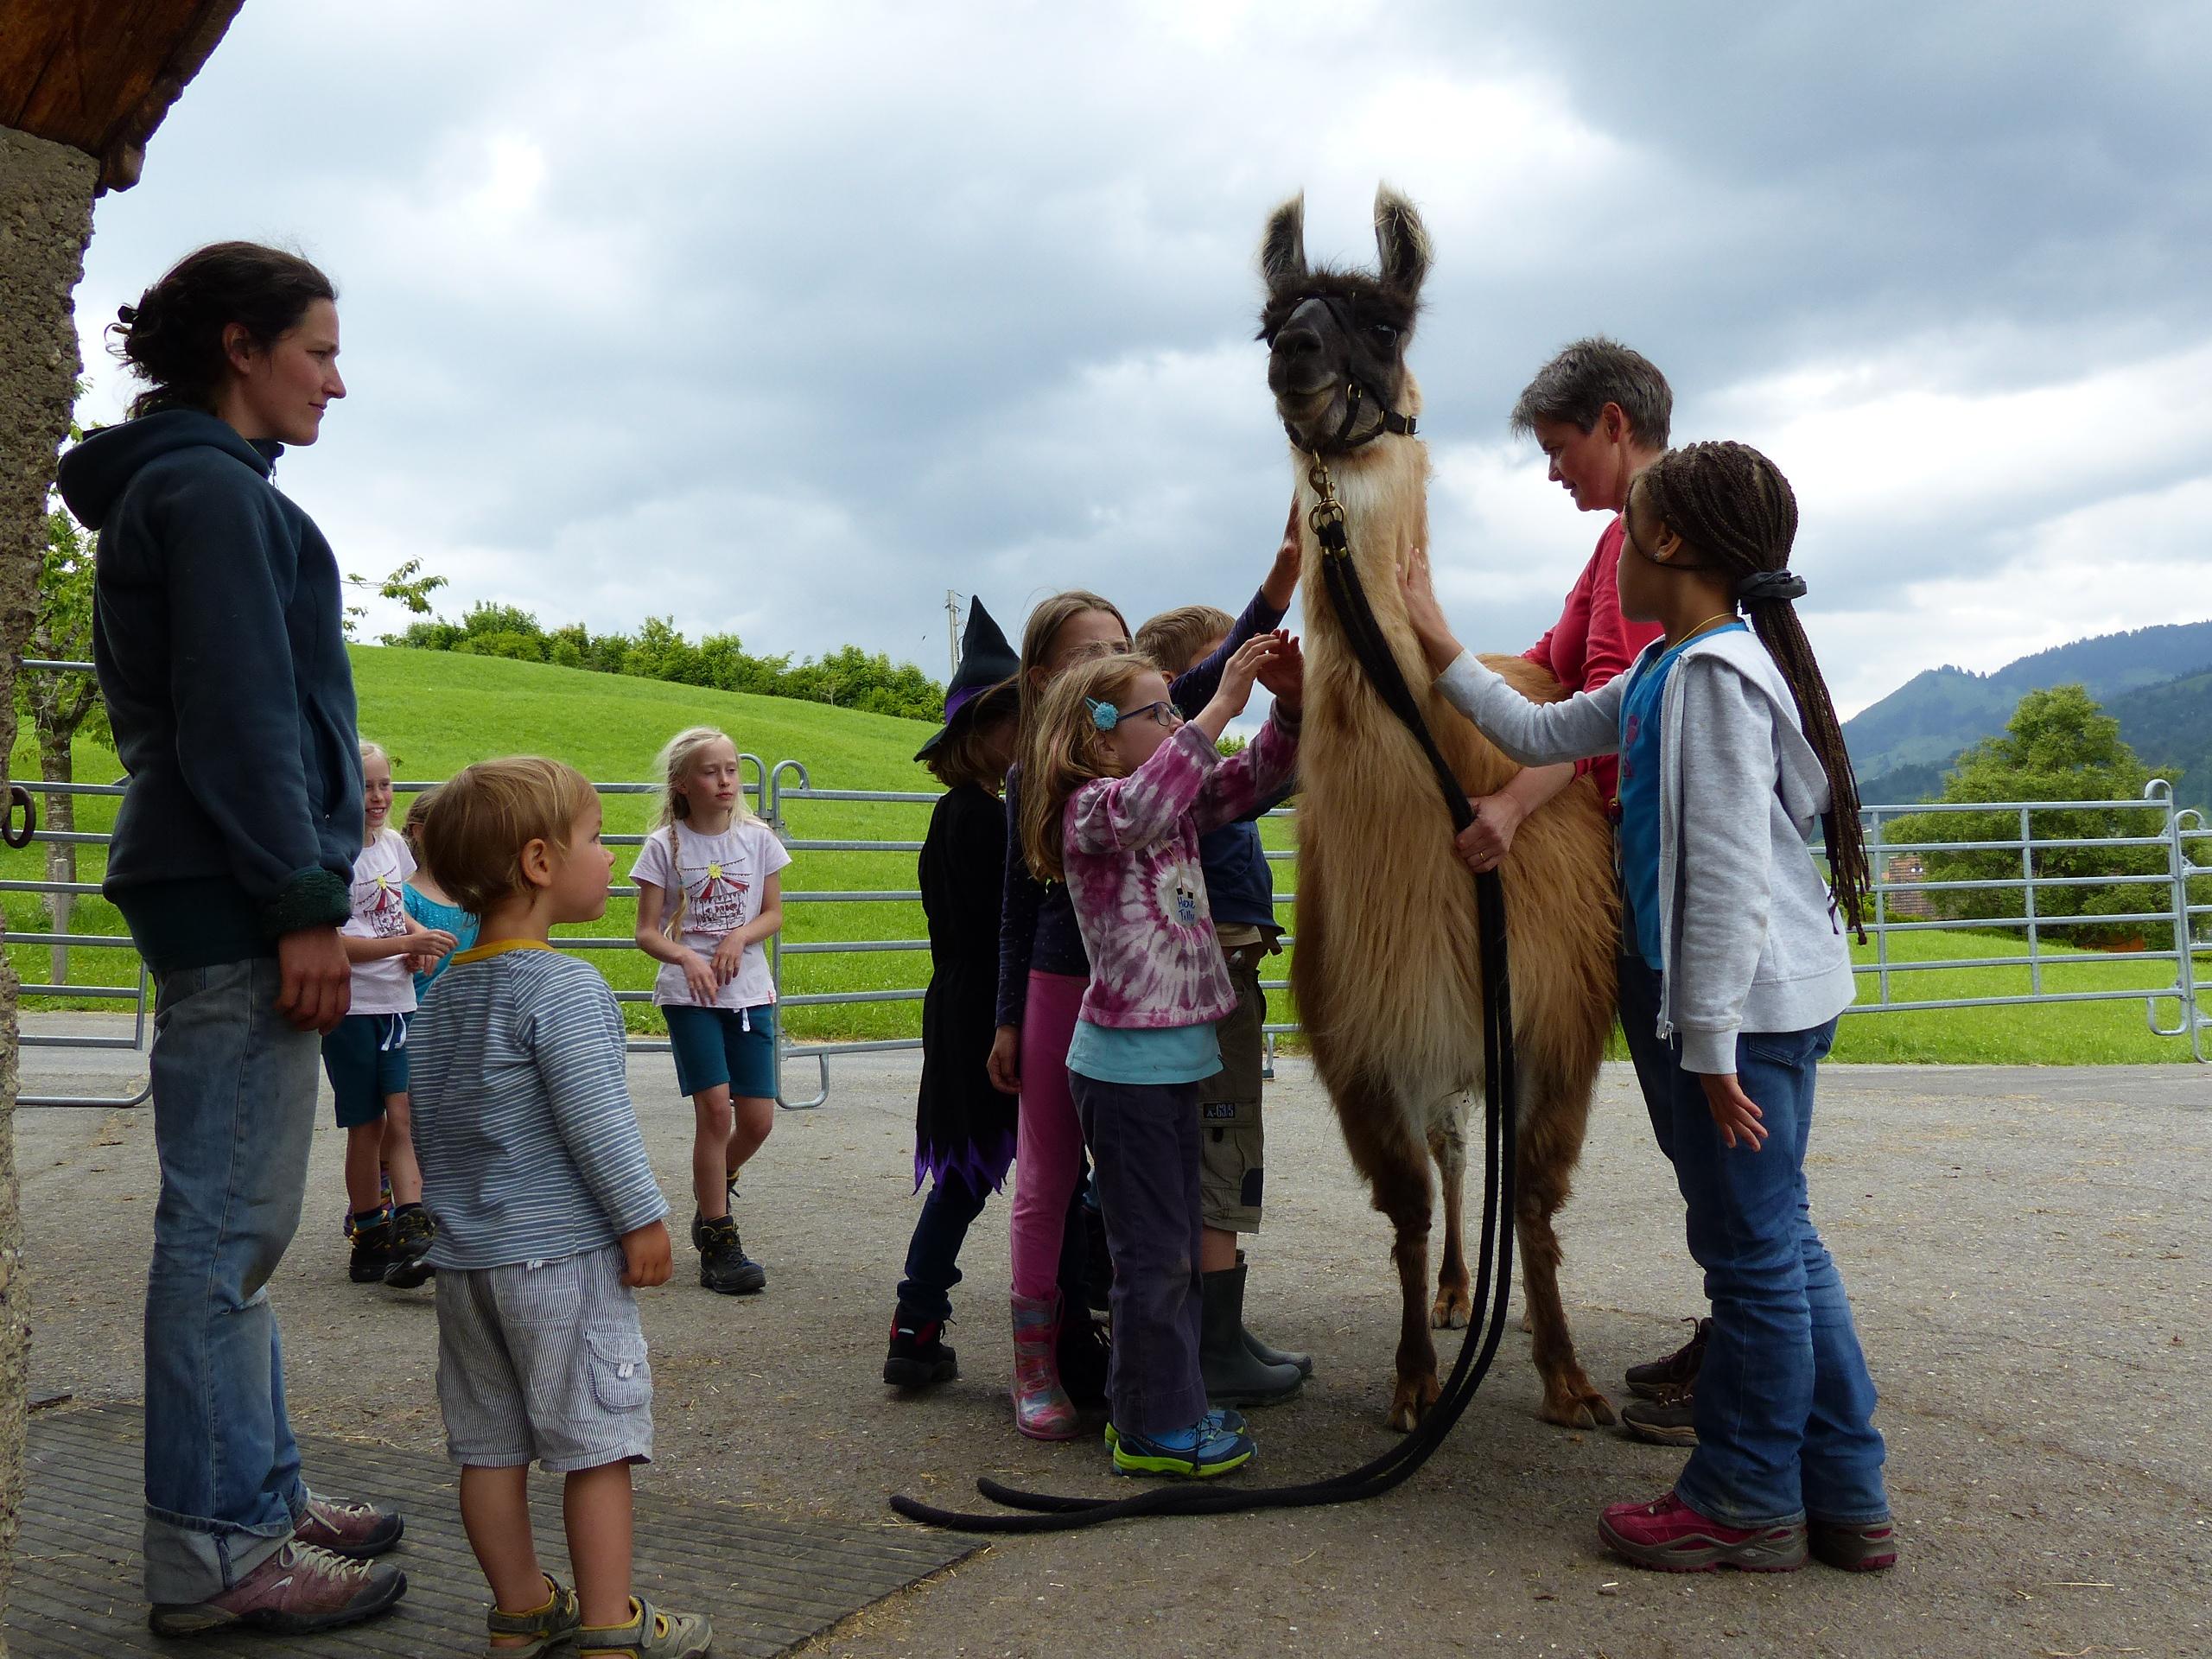 Geduldig lässt sich das Lama streicheln und die Kinder sind begeistert und staunen, wenn sie es berühren dürfen.